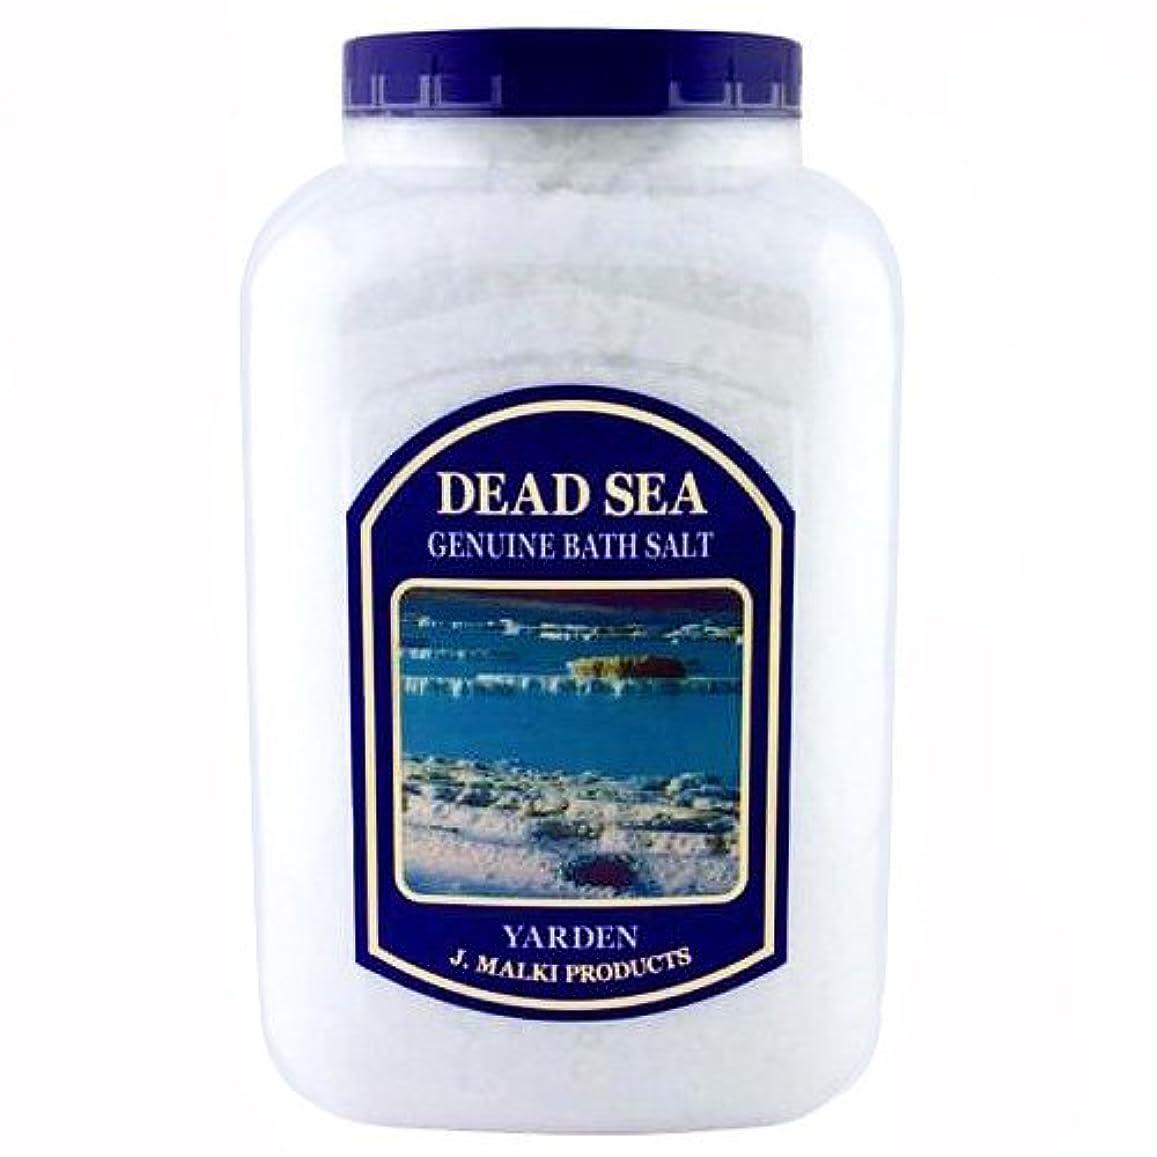 センチメートルしわカカドゥデッドシー?バスソルト 4.5kg(約45回分)【DEAD SEA BATH SALT】死海の塩/入浴剤(入浴用化粧品)【正規販売店】